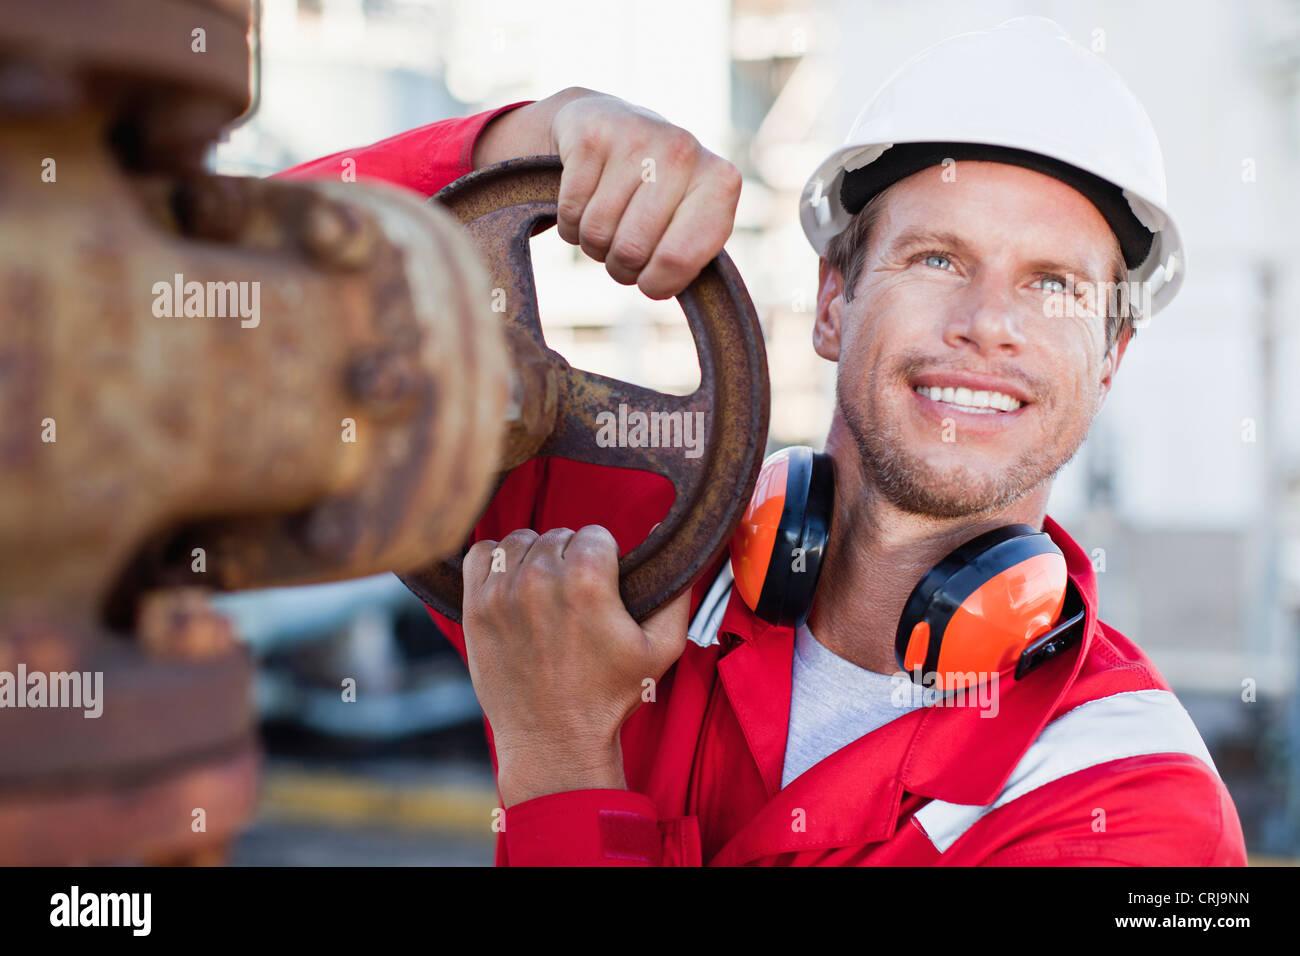 Worker adjusting gauge at chemical plant - Stock Image